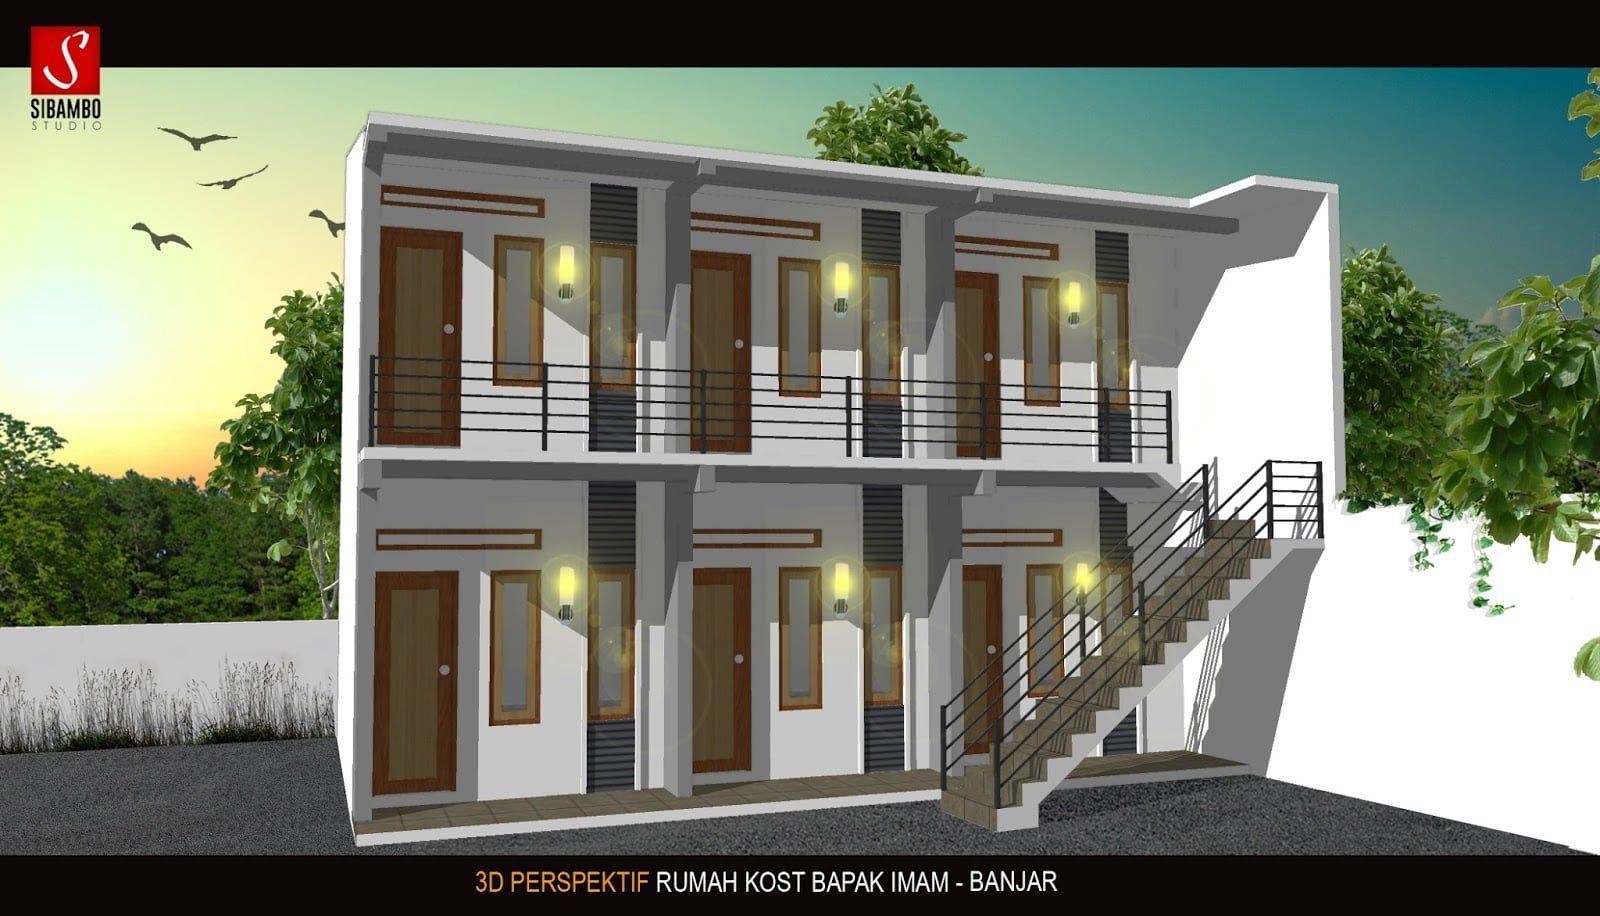 Desain Rumah Kost Minimalis 2 Lantai Dan Biaya Cek Bahan Bangunan